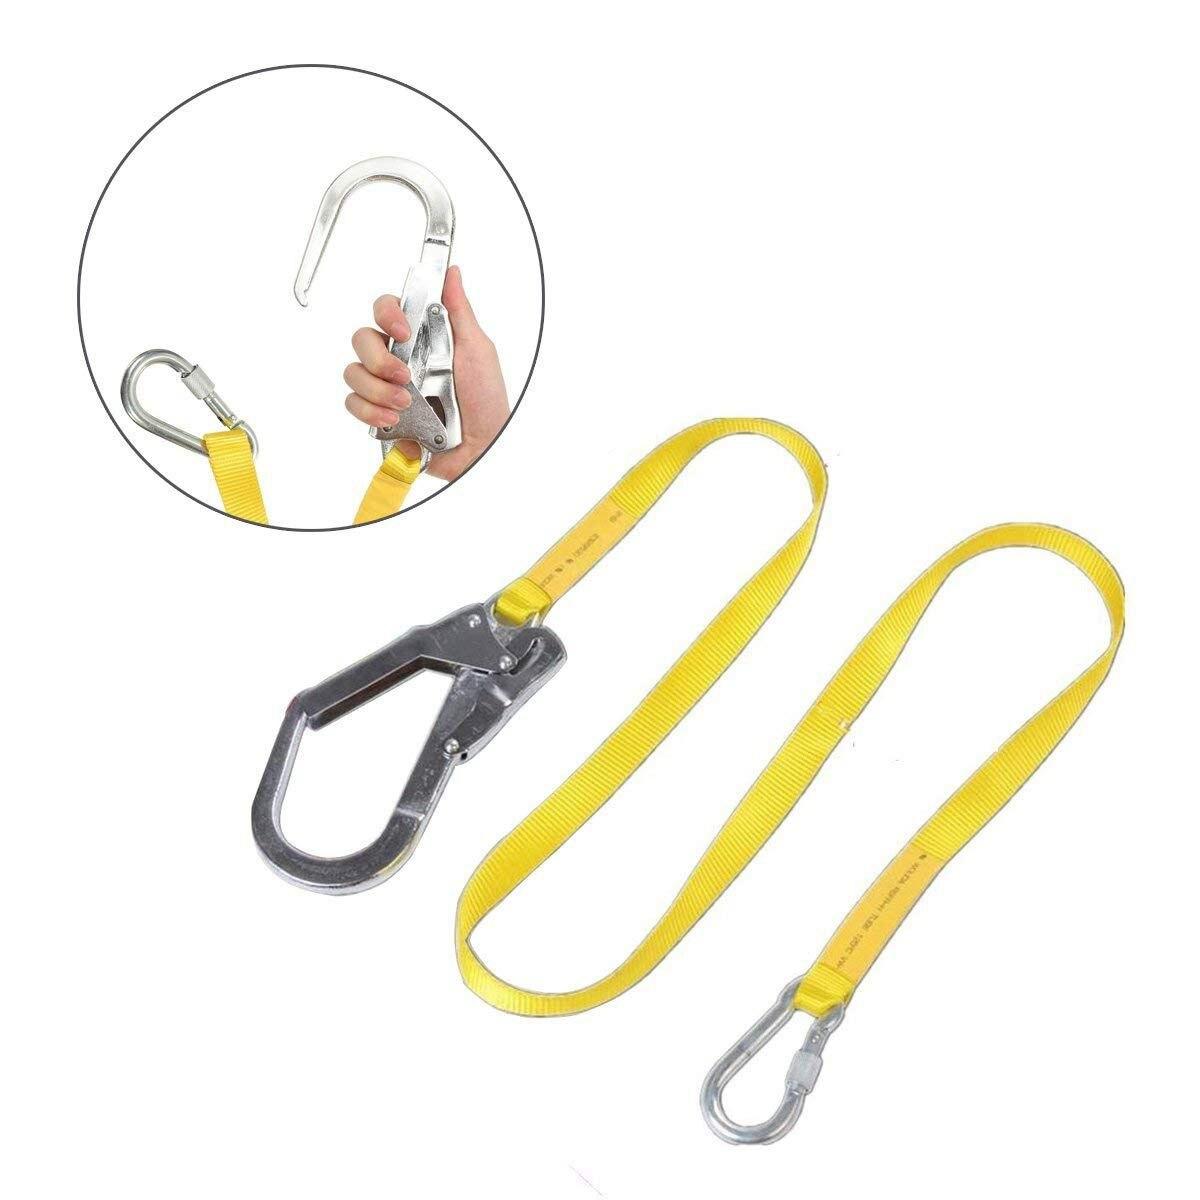 Cordón de seguridad, correa de arnés de escalada al aire libre cuerda de protección de caída con ganchos grandes, mosquetón